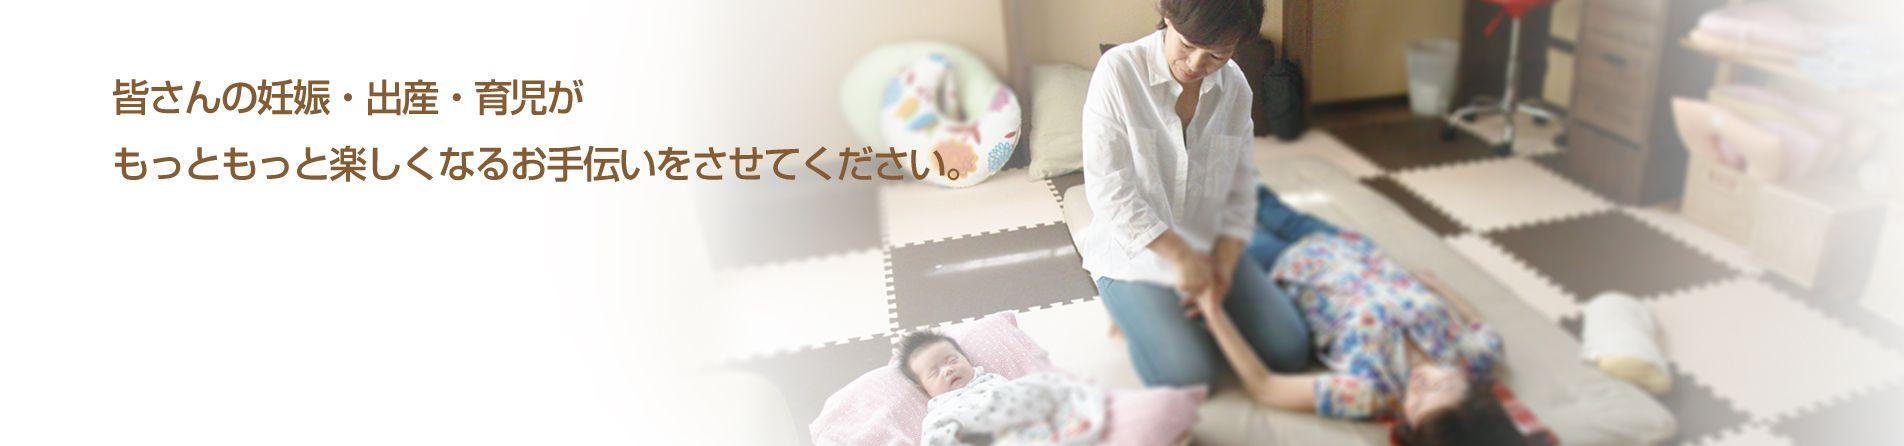 皆さんの妊娠・出産・育児がもっともっと楽しくなるお手伝いをさせてください。